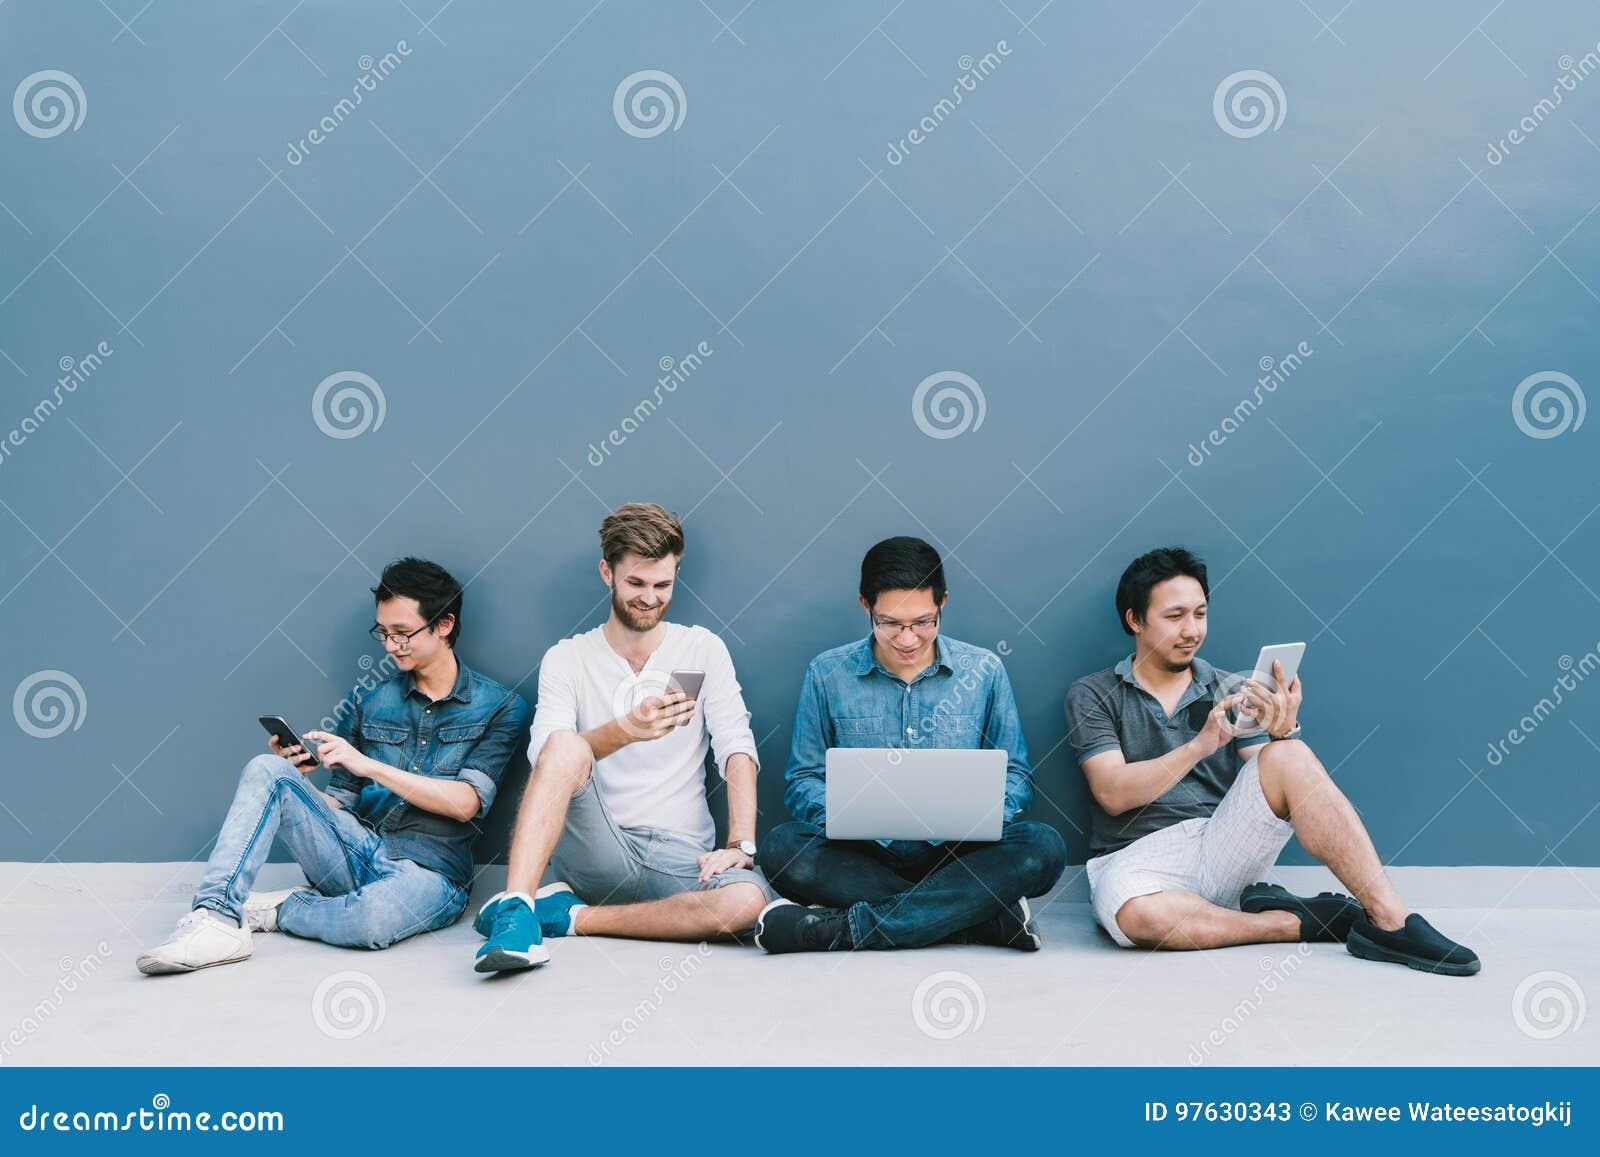 Grupo multi-étnico de quatro homens que usam o smartphone, laptop, tabuleta digital junto com o espaço da cópia na parede azul